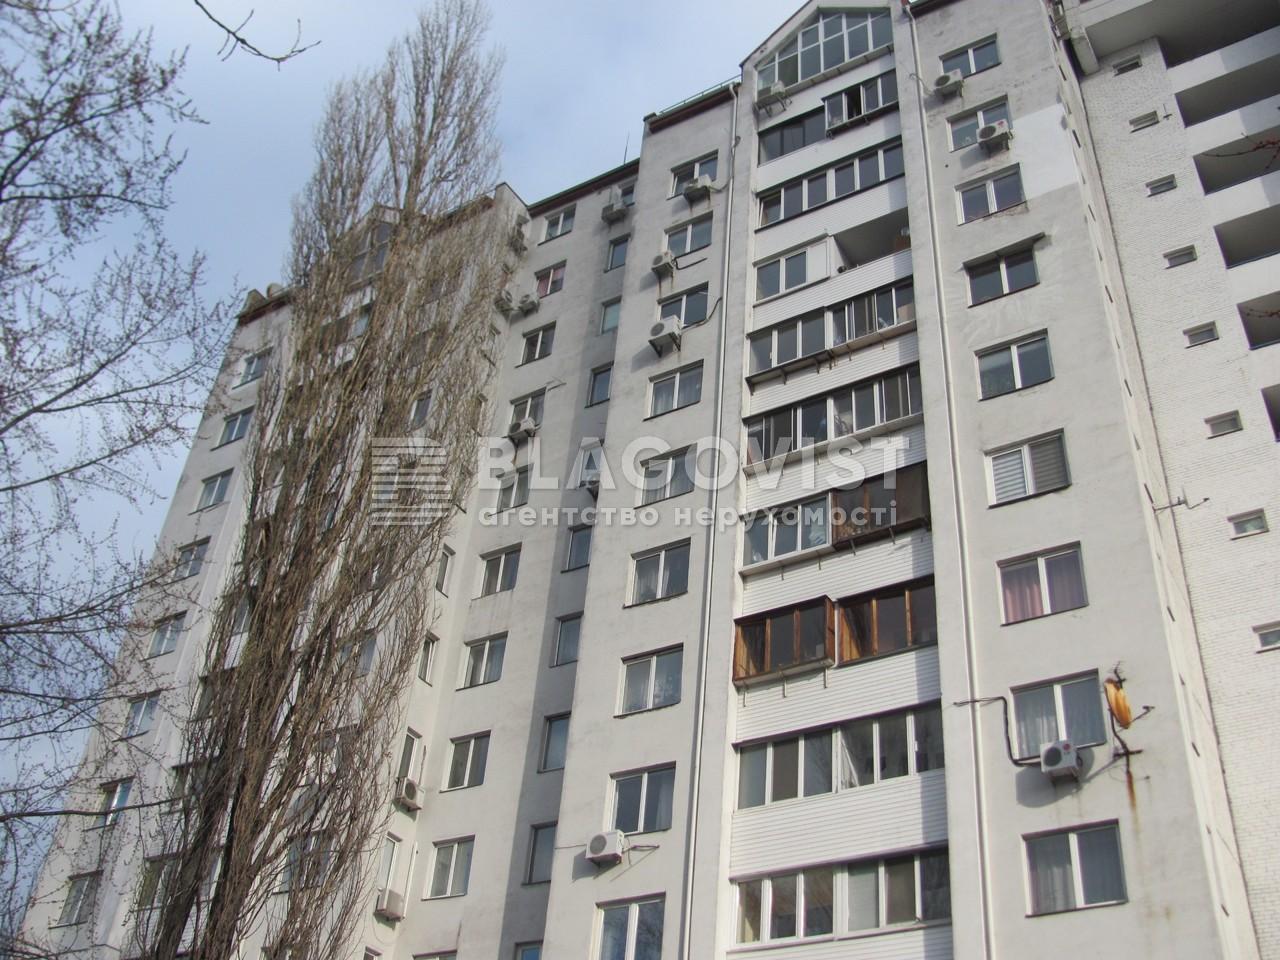 Квартира C-108841, Юности, 8/2, Киев - Фото 2